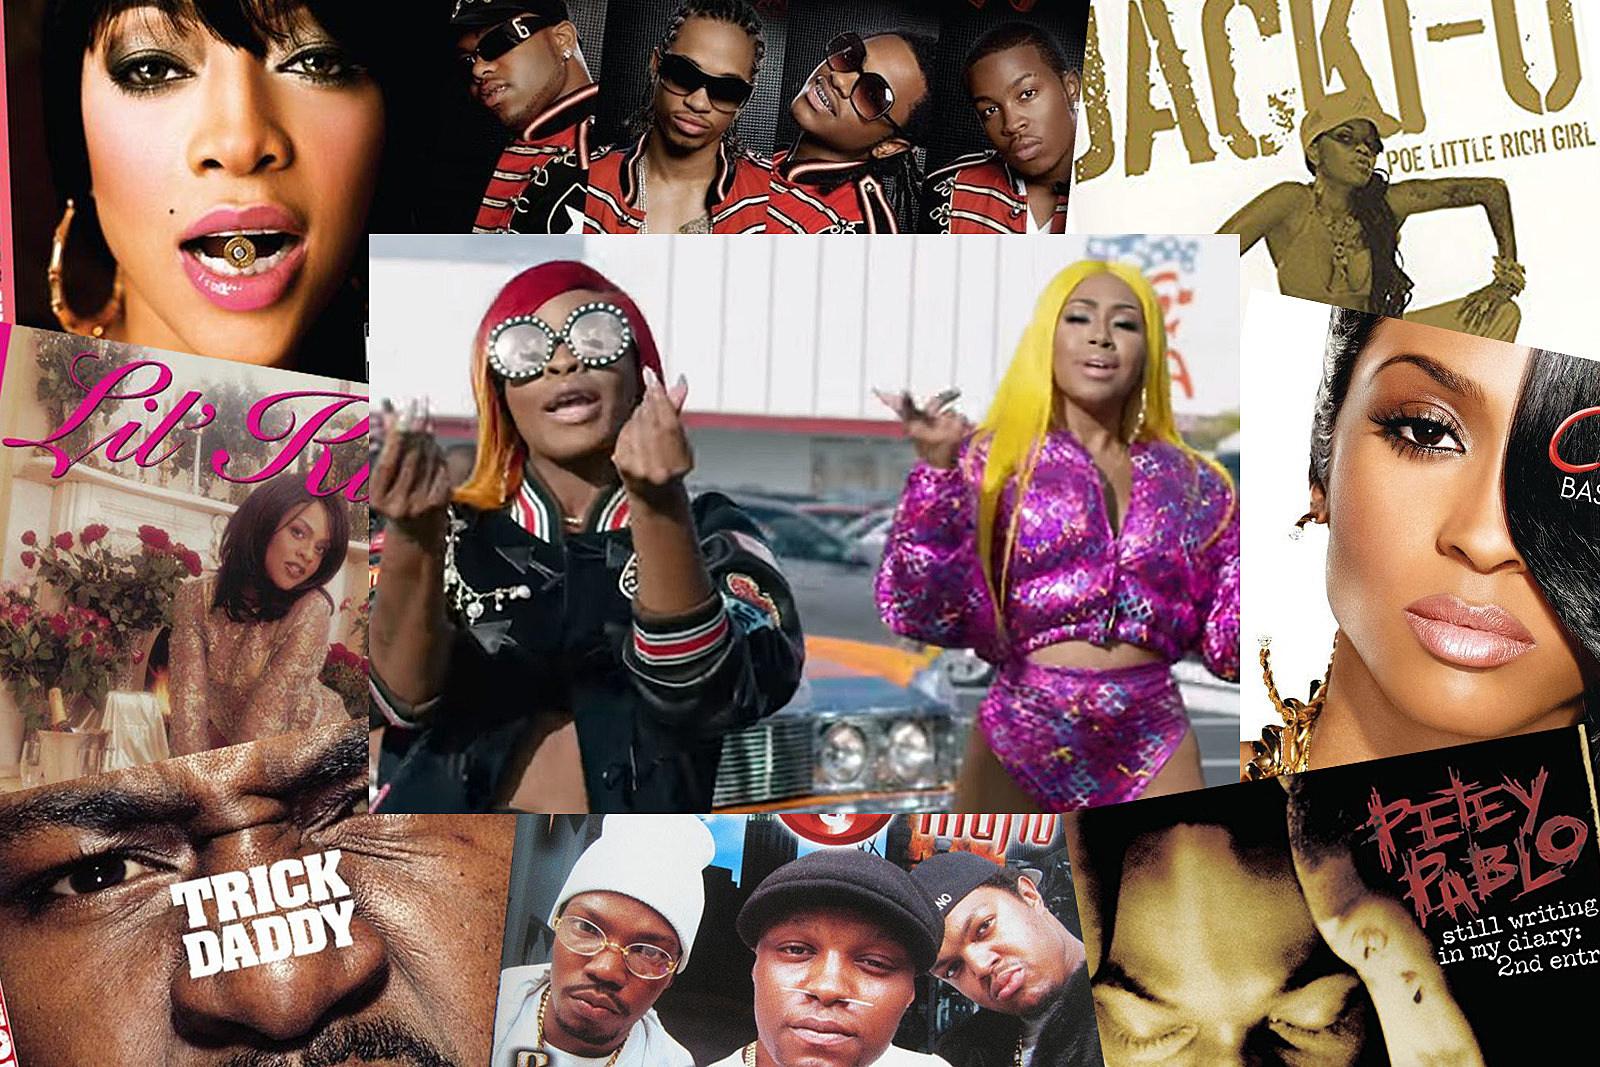 rap-little-sex-images